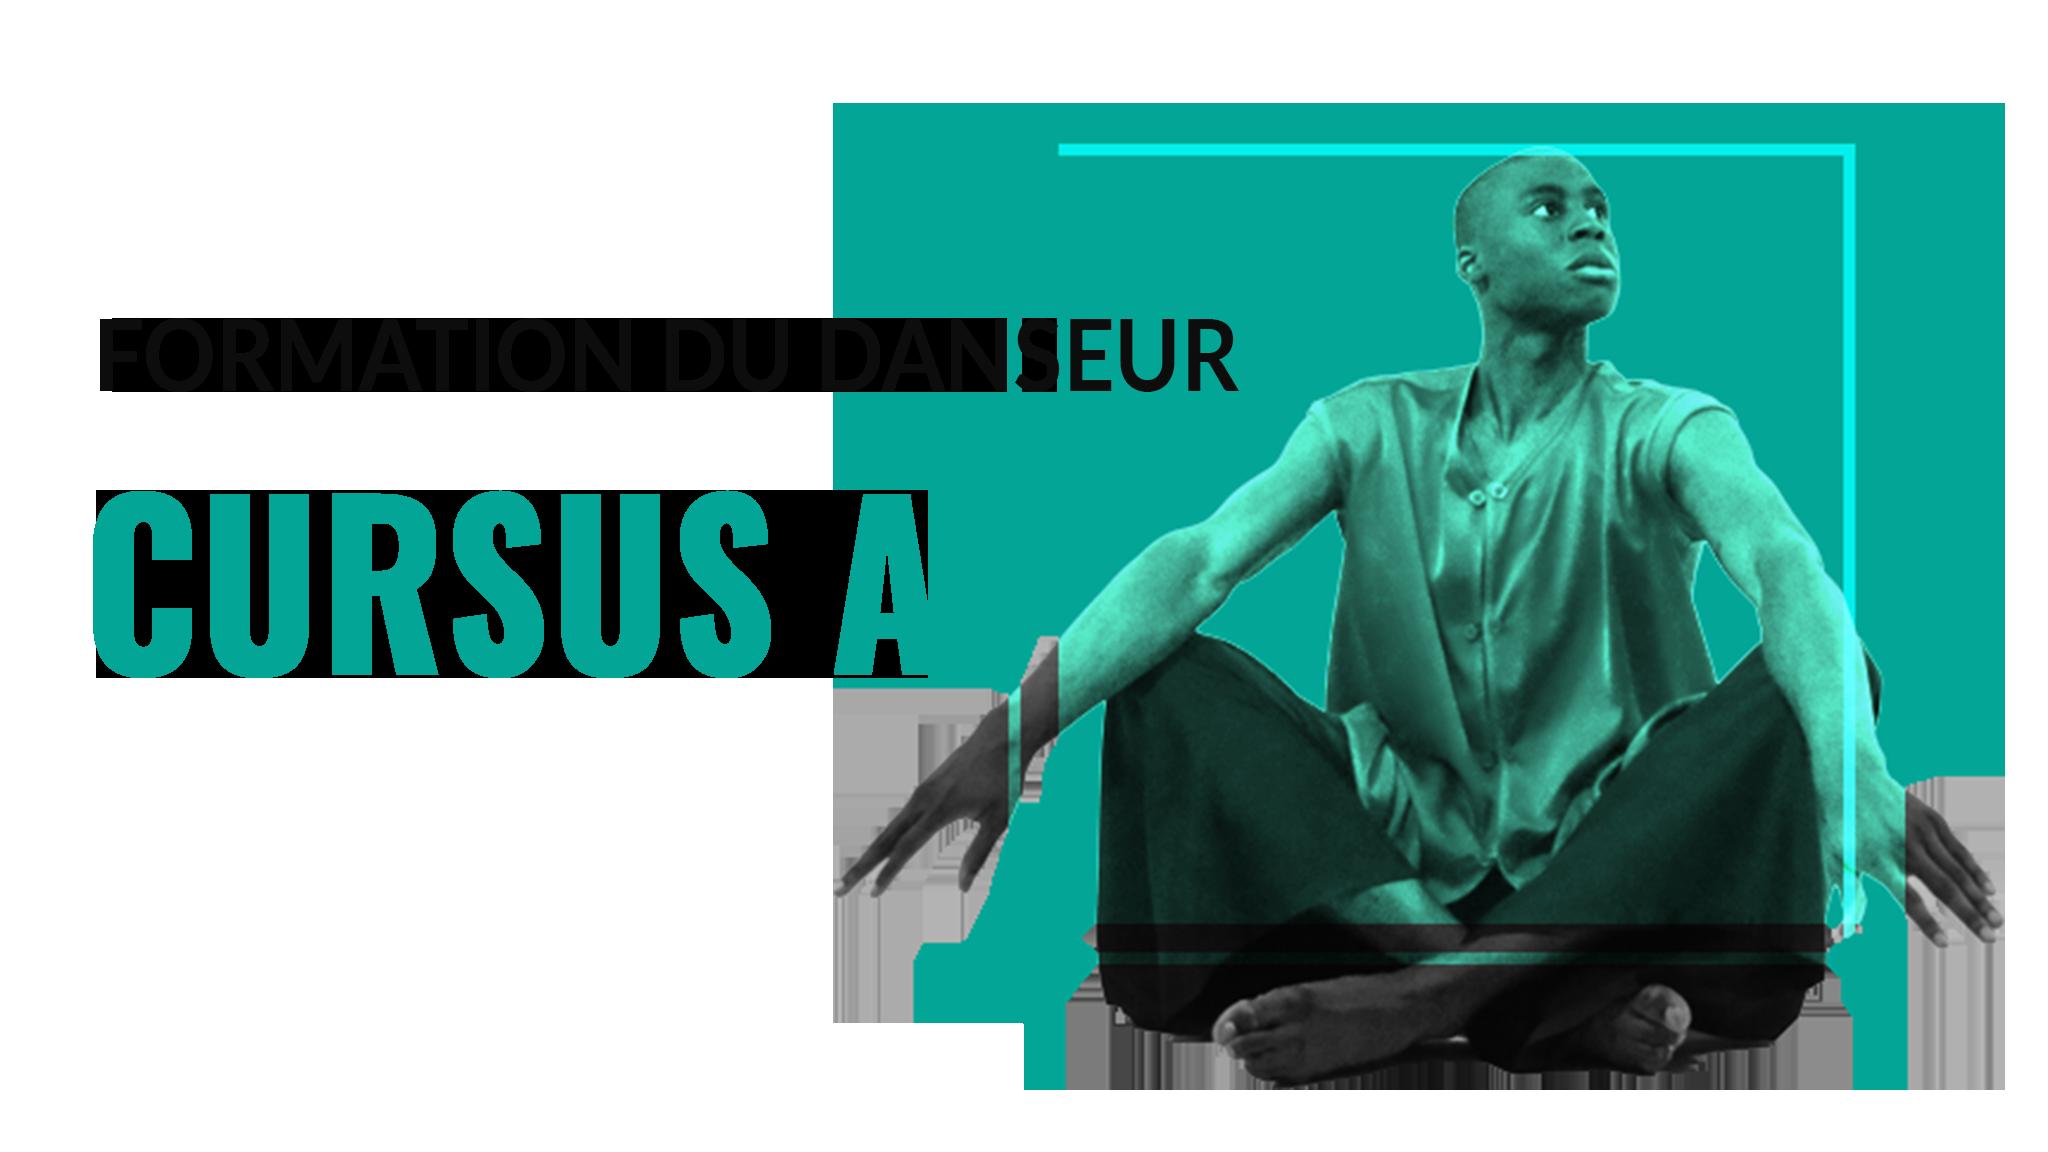 Formation du Danseur – Cursus A